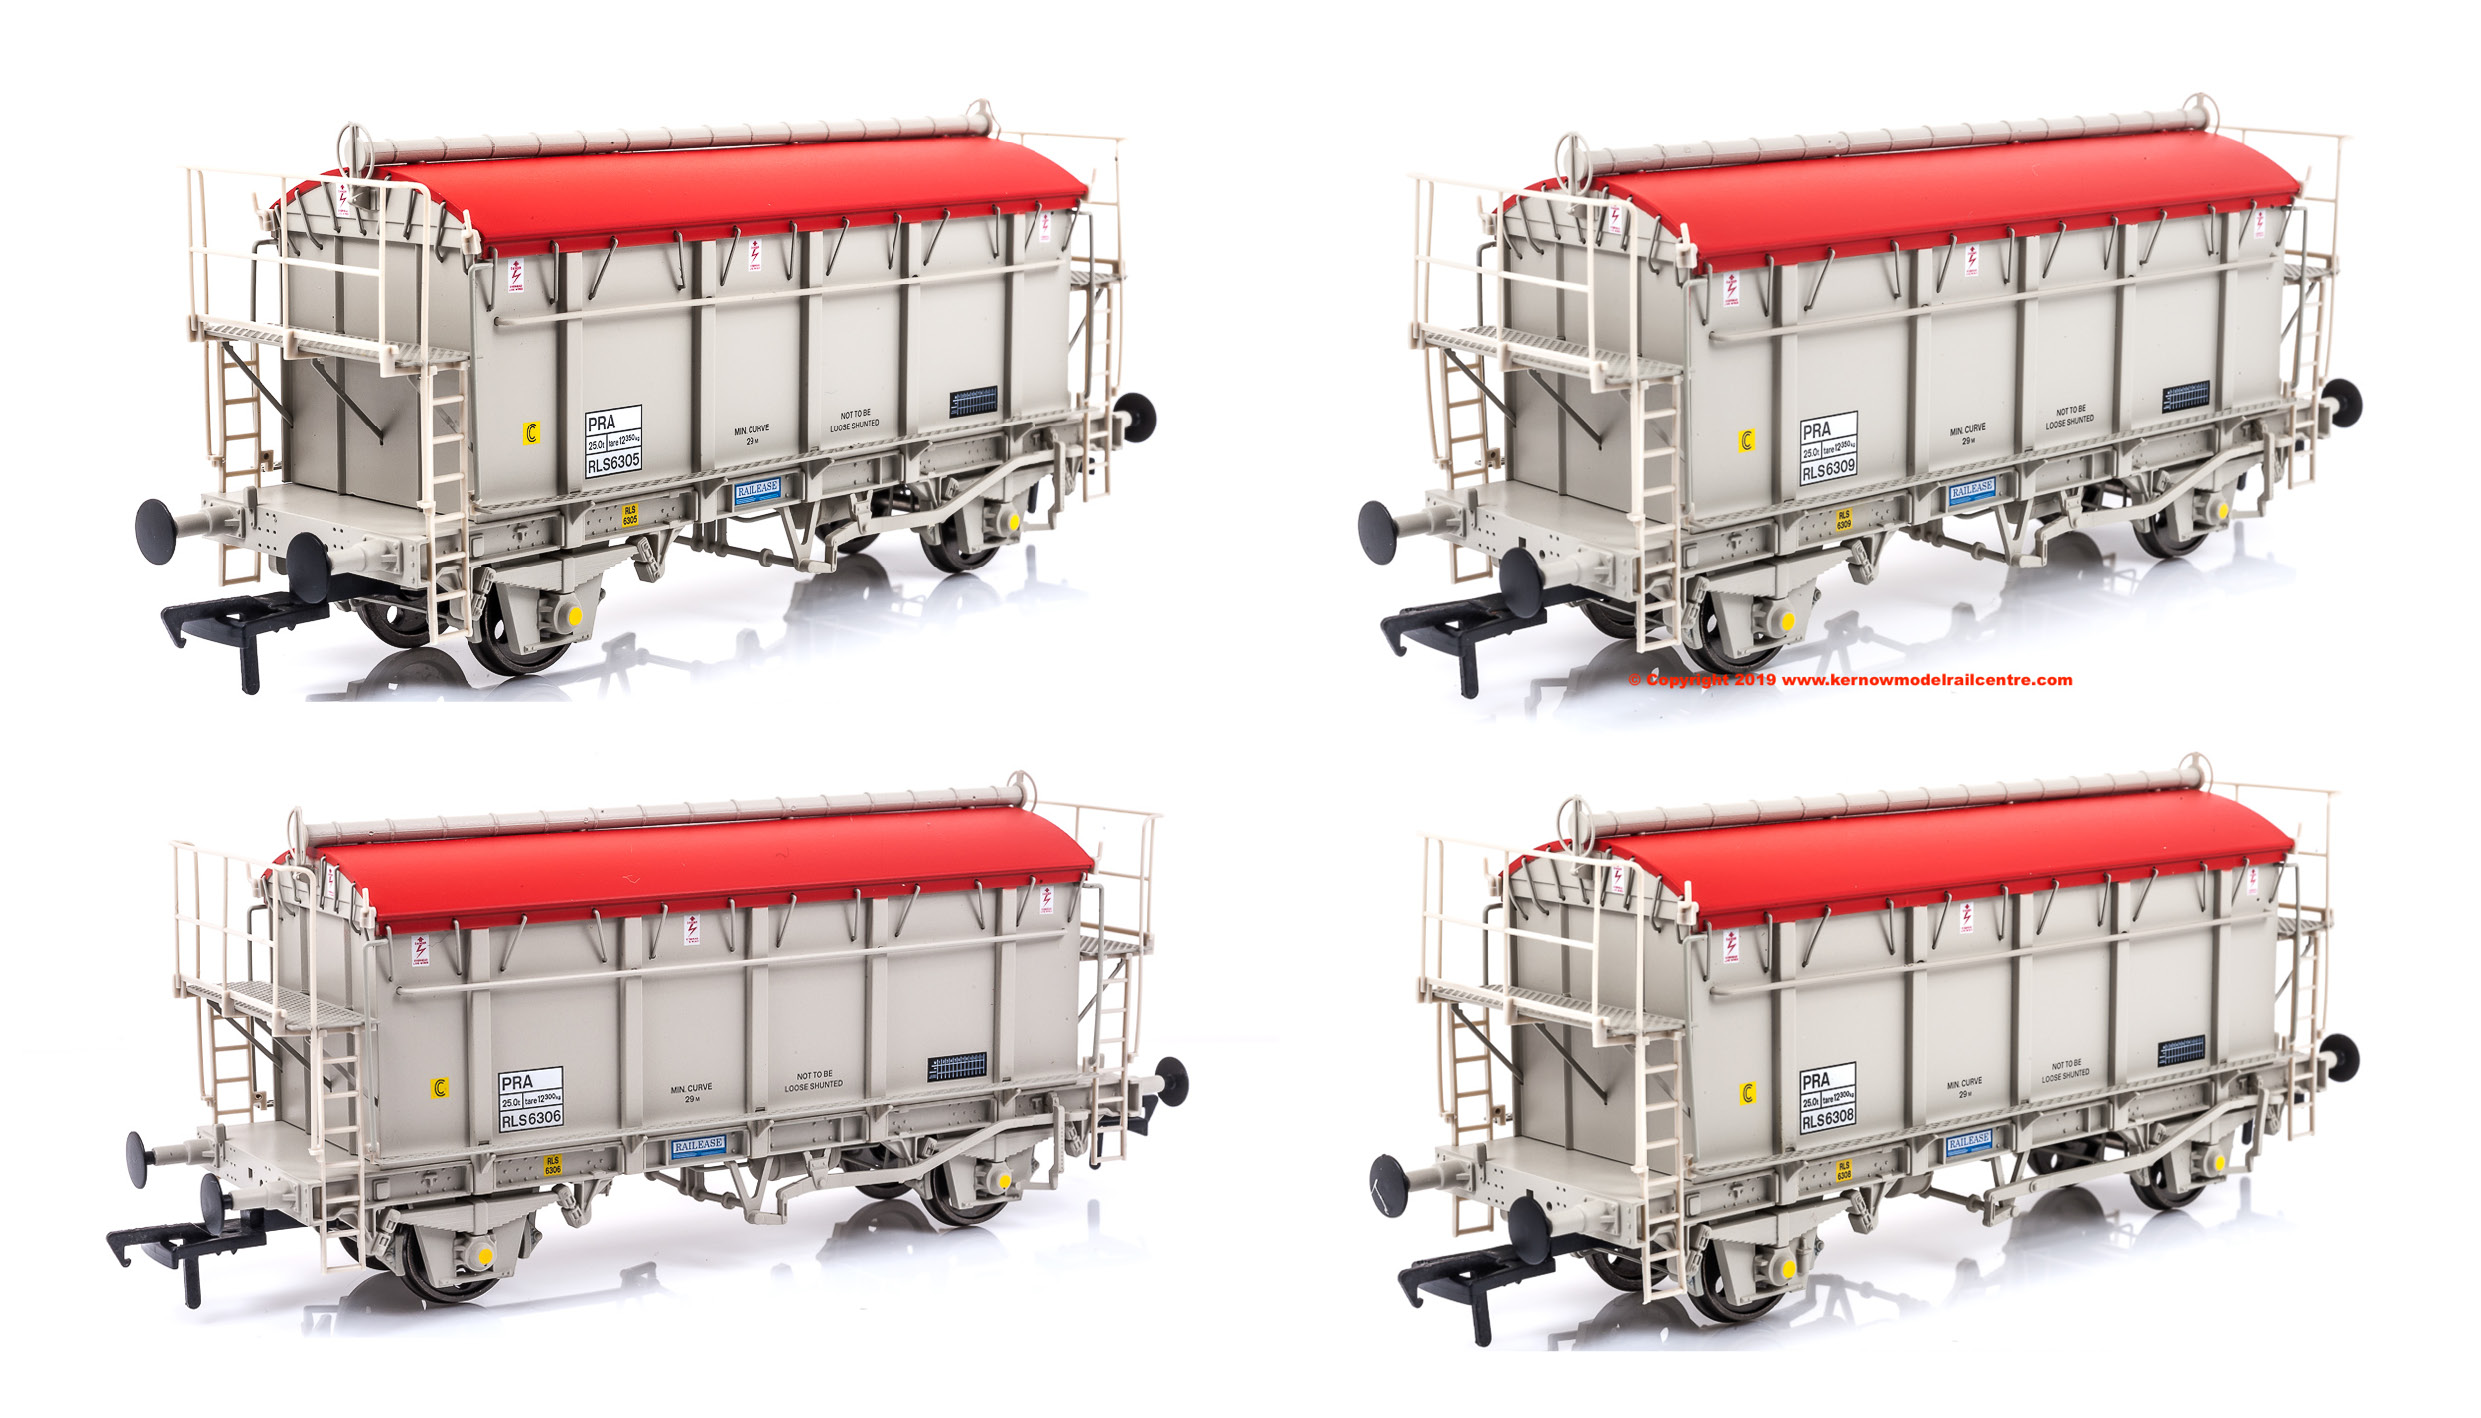 SB007ZB PRA Wagon Image